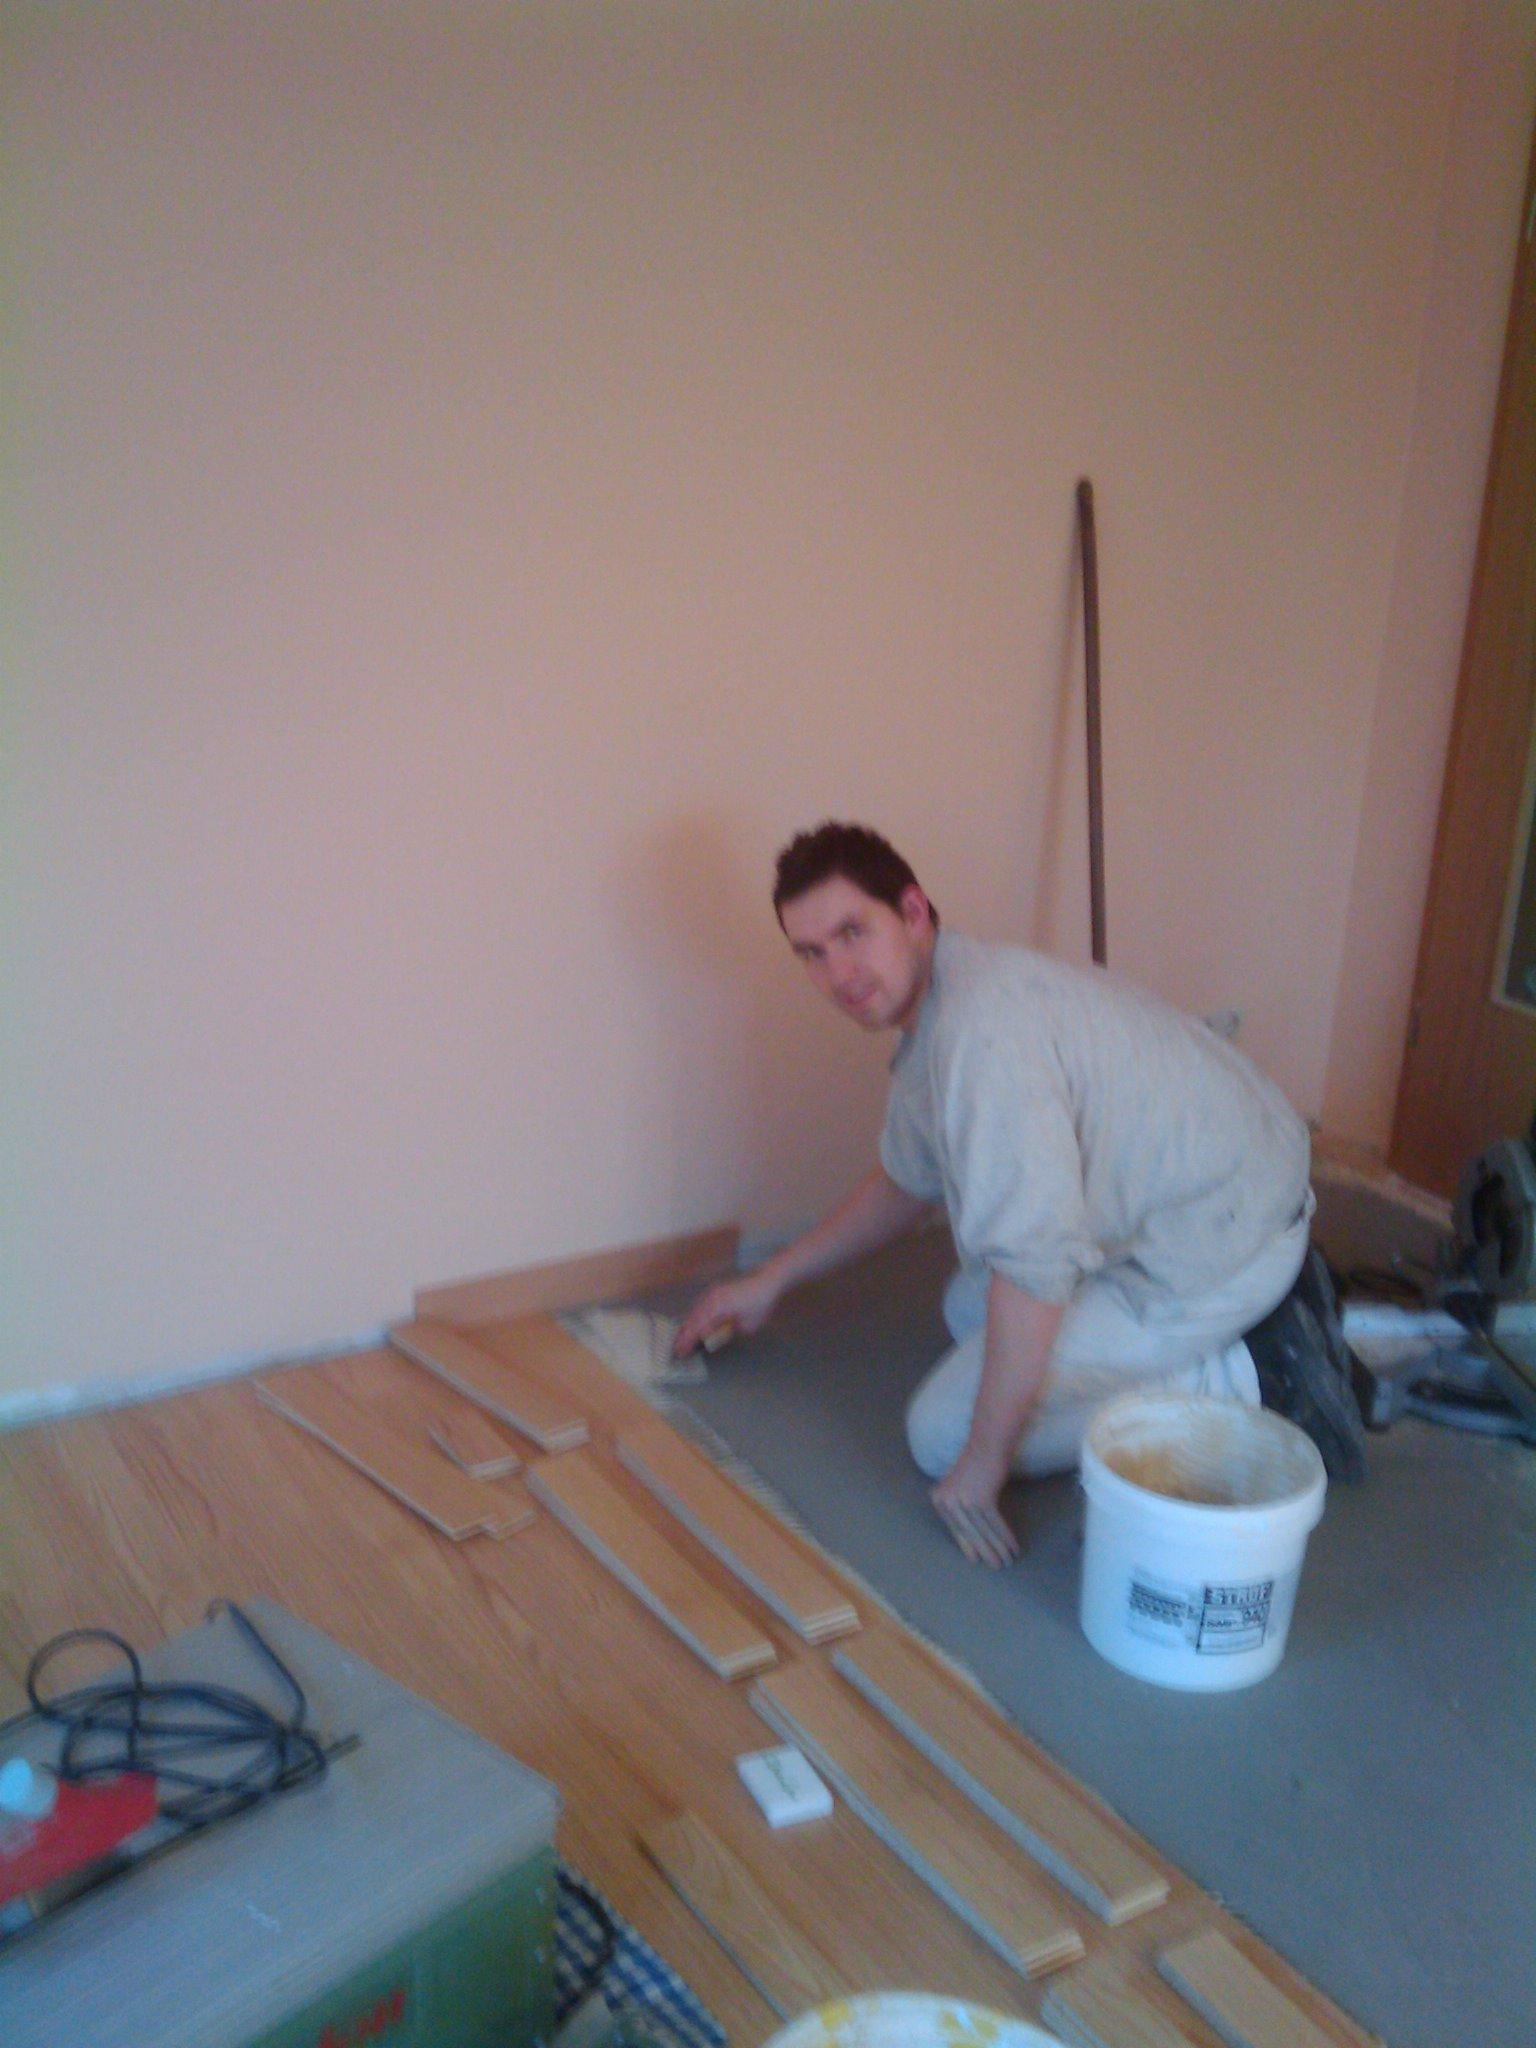 Malermeister herten ltd maler und abdeckungsunternehmen benz deutschland tel 03841214 - Beleuchtete wandpaneele ...